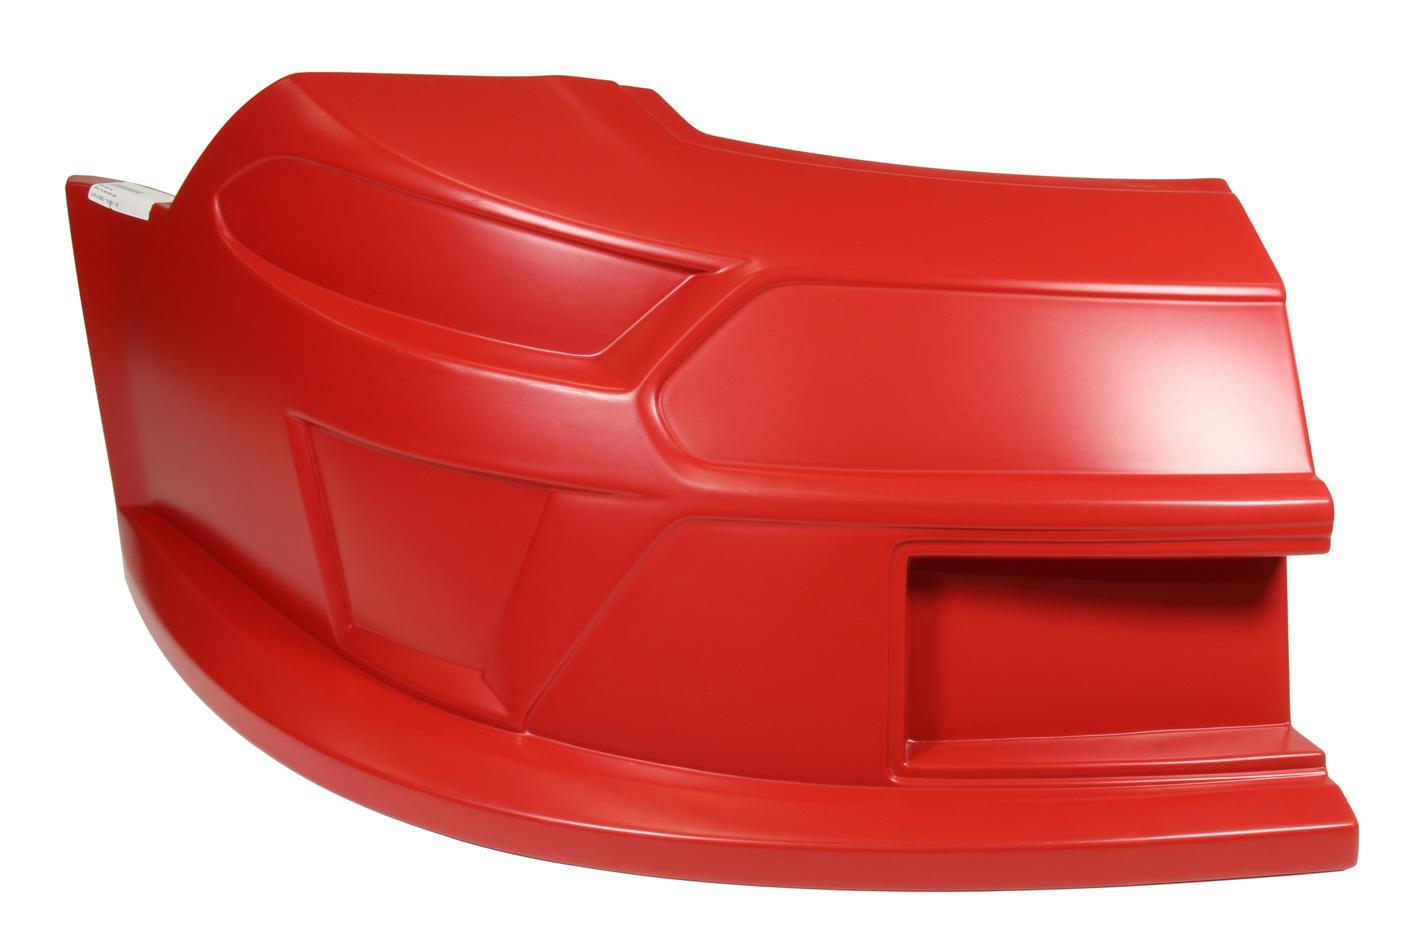 Fivestar 11322-41051-RR Nose, Passenger Side, Molded Plastic, Red, Ford Mustang, 2019 Late Model, Each